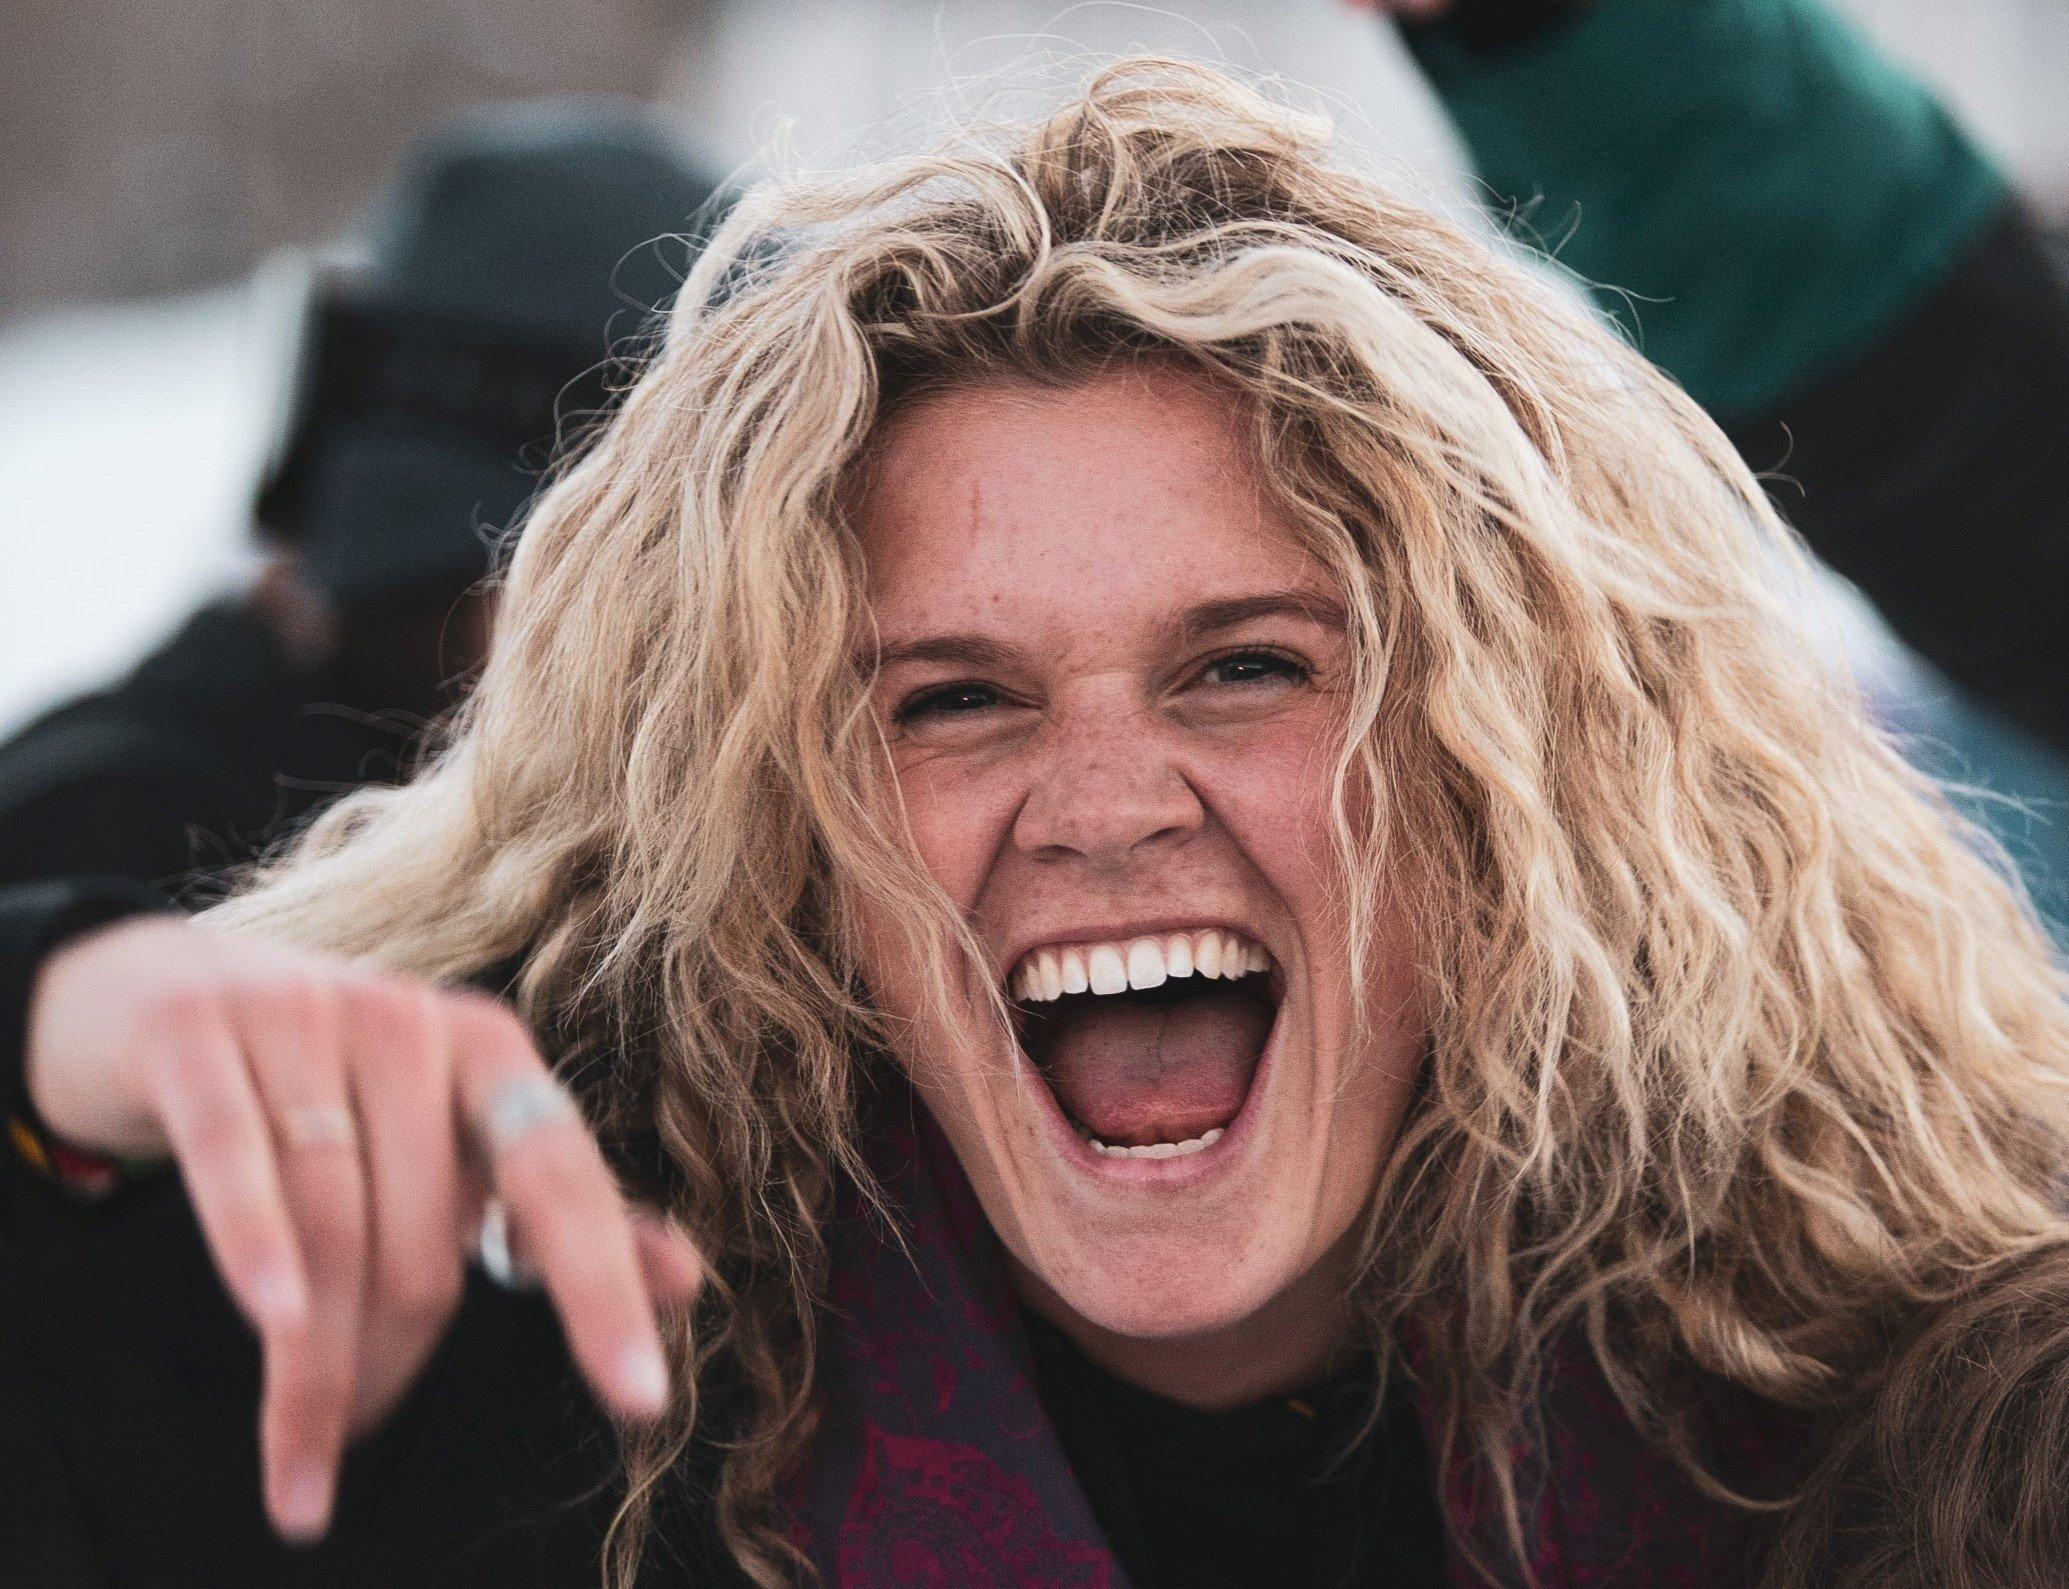 大口を開けて笑う女性